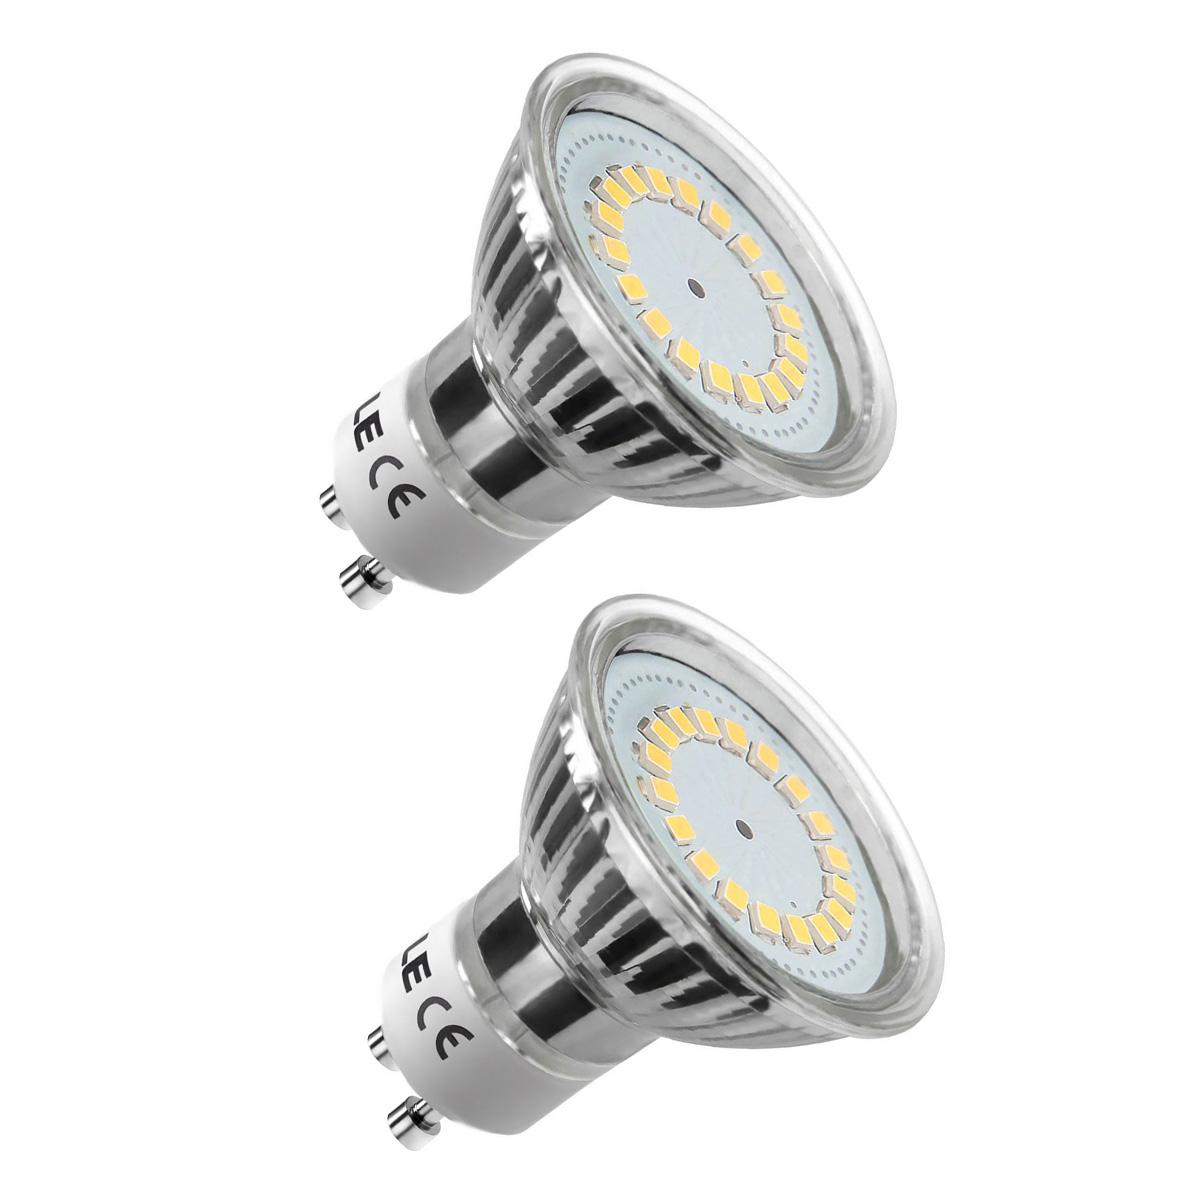 [Bündel] 3,5W GU10 MR16 LED Spot, 350lm Leuchtmittel, Ersatz für 50W Halogen, Warmweiß, 2er Set